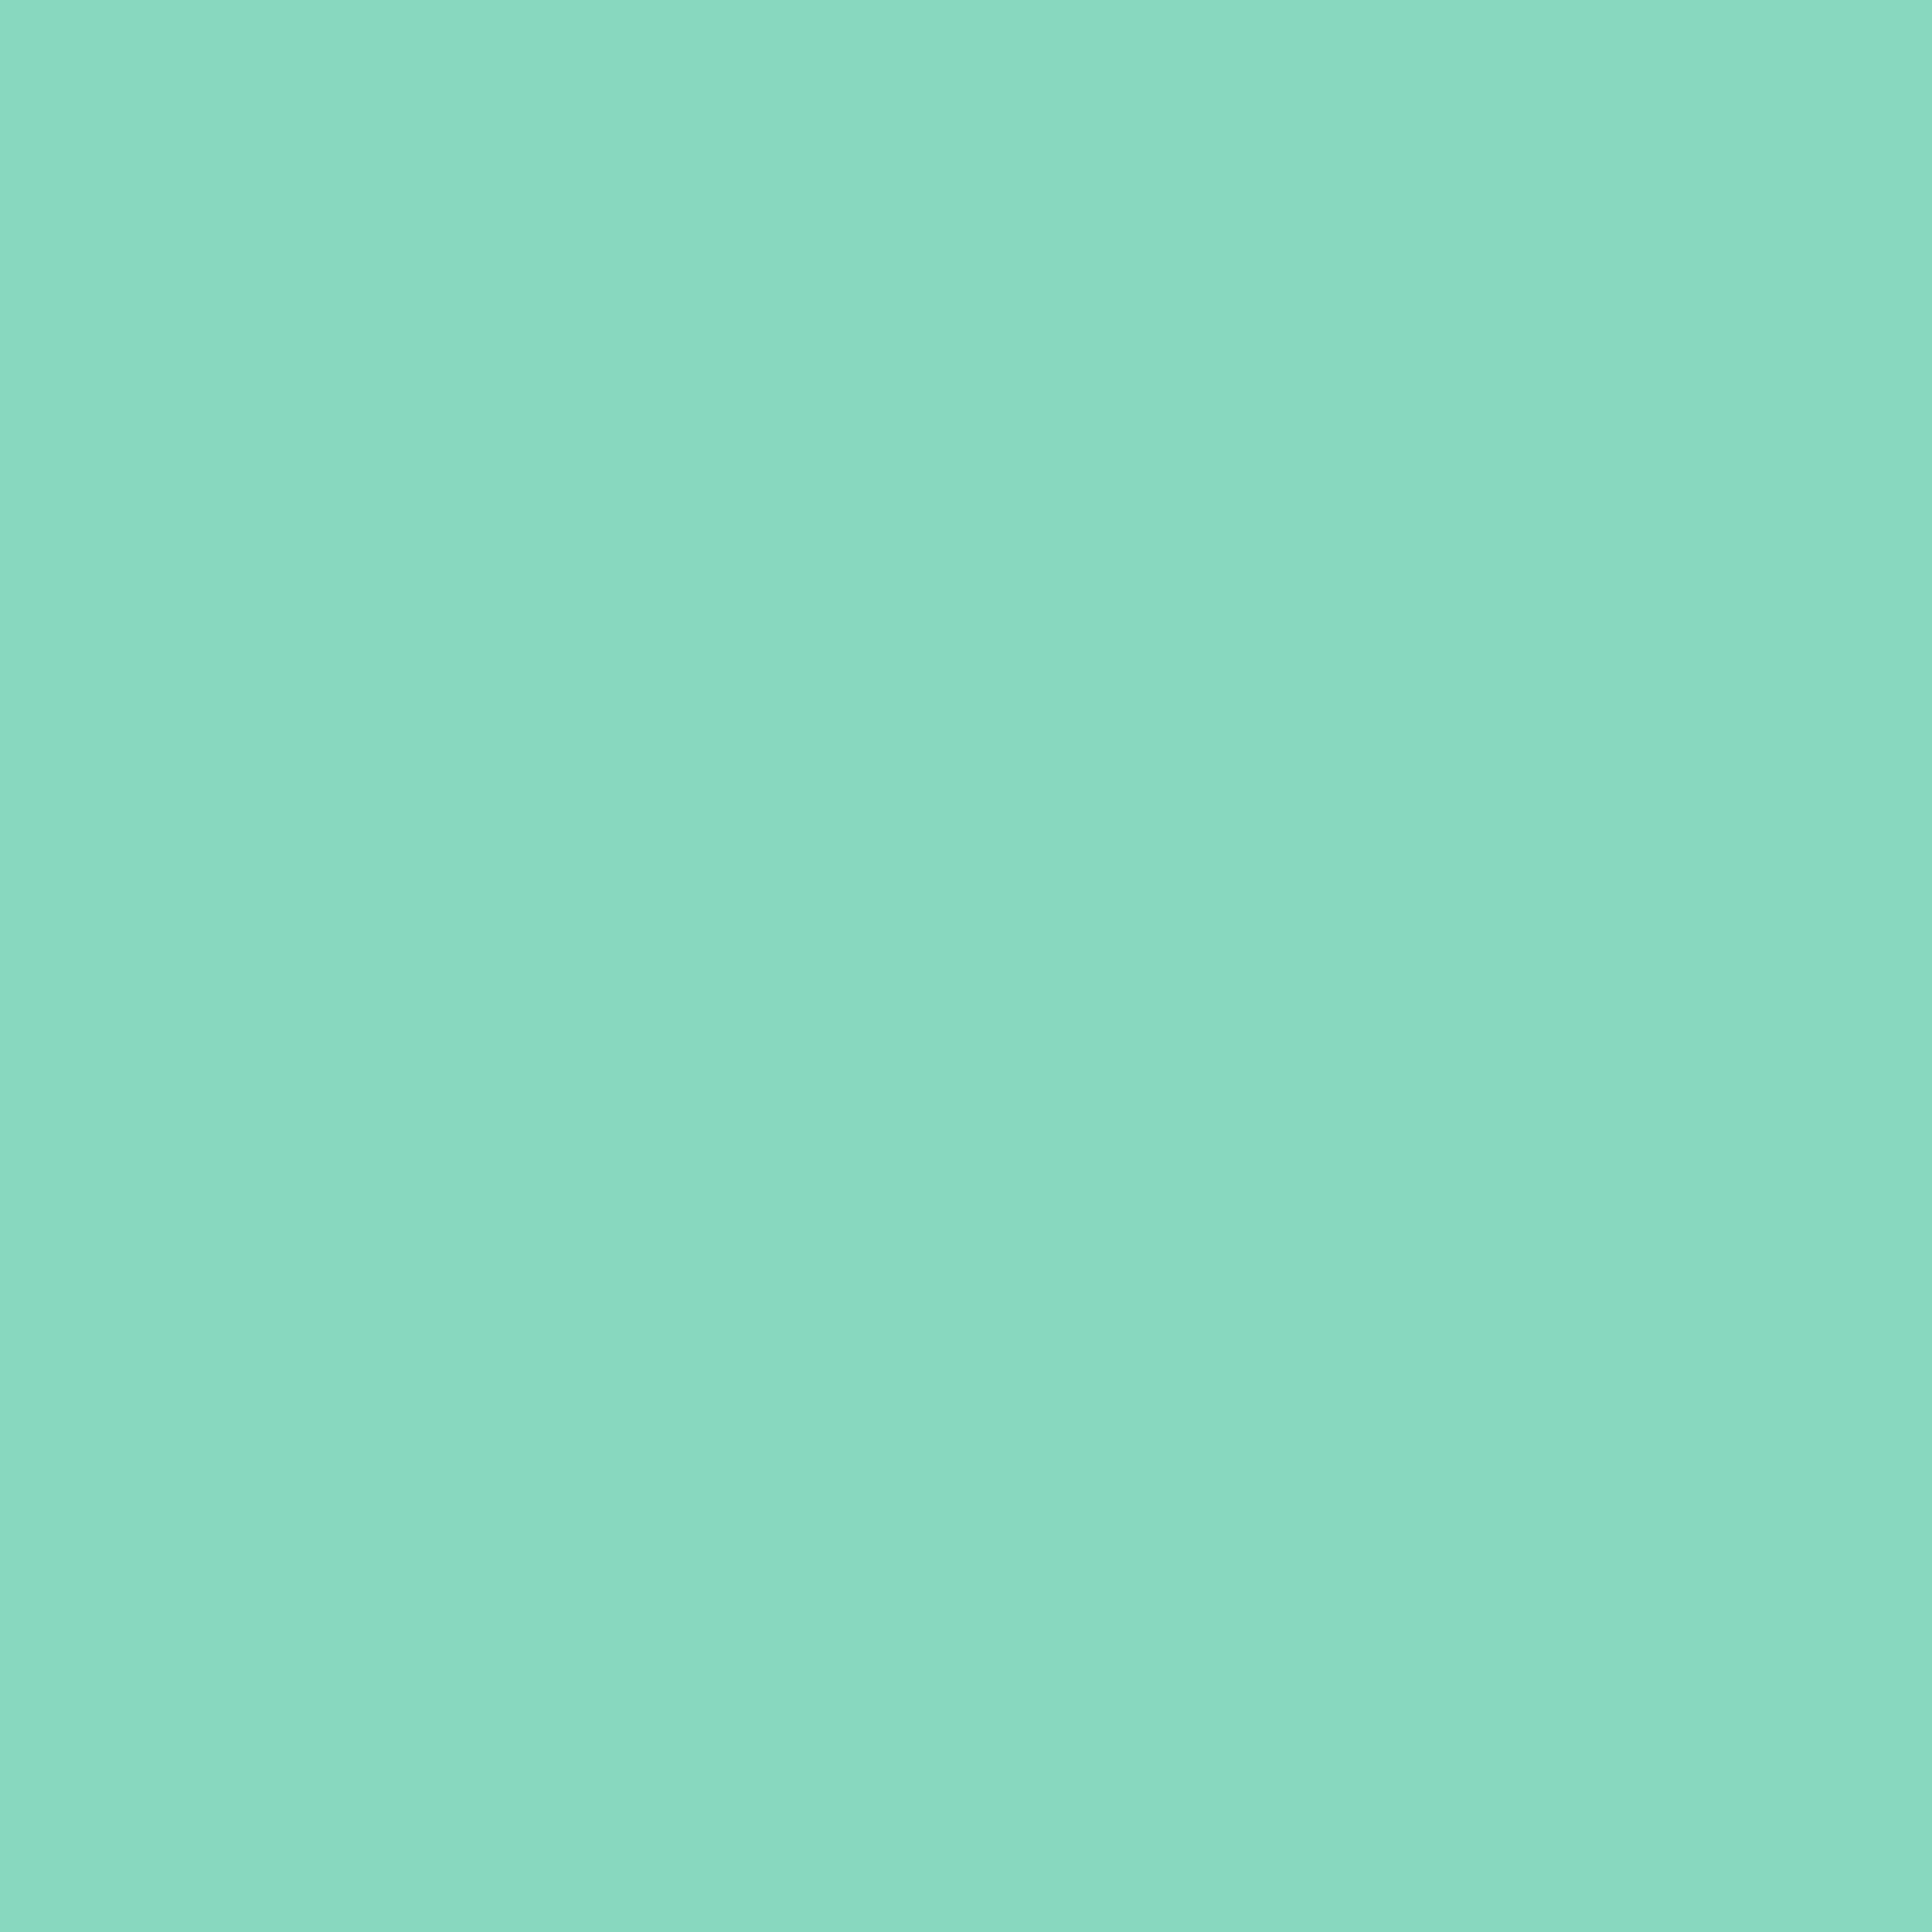 2732x2732 Pearl Aqua Solid Color Background